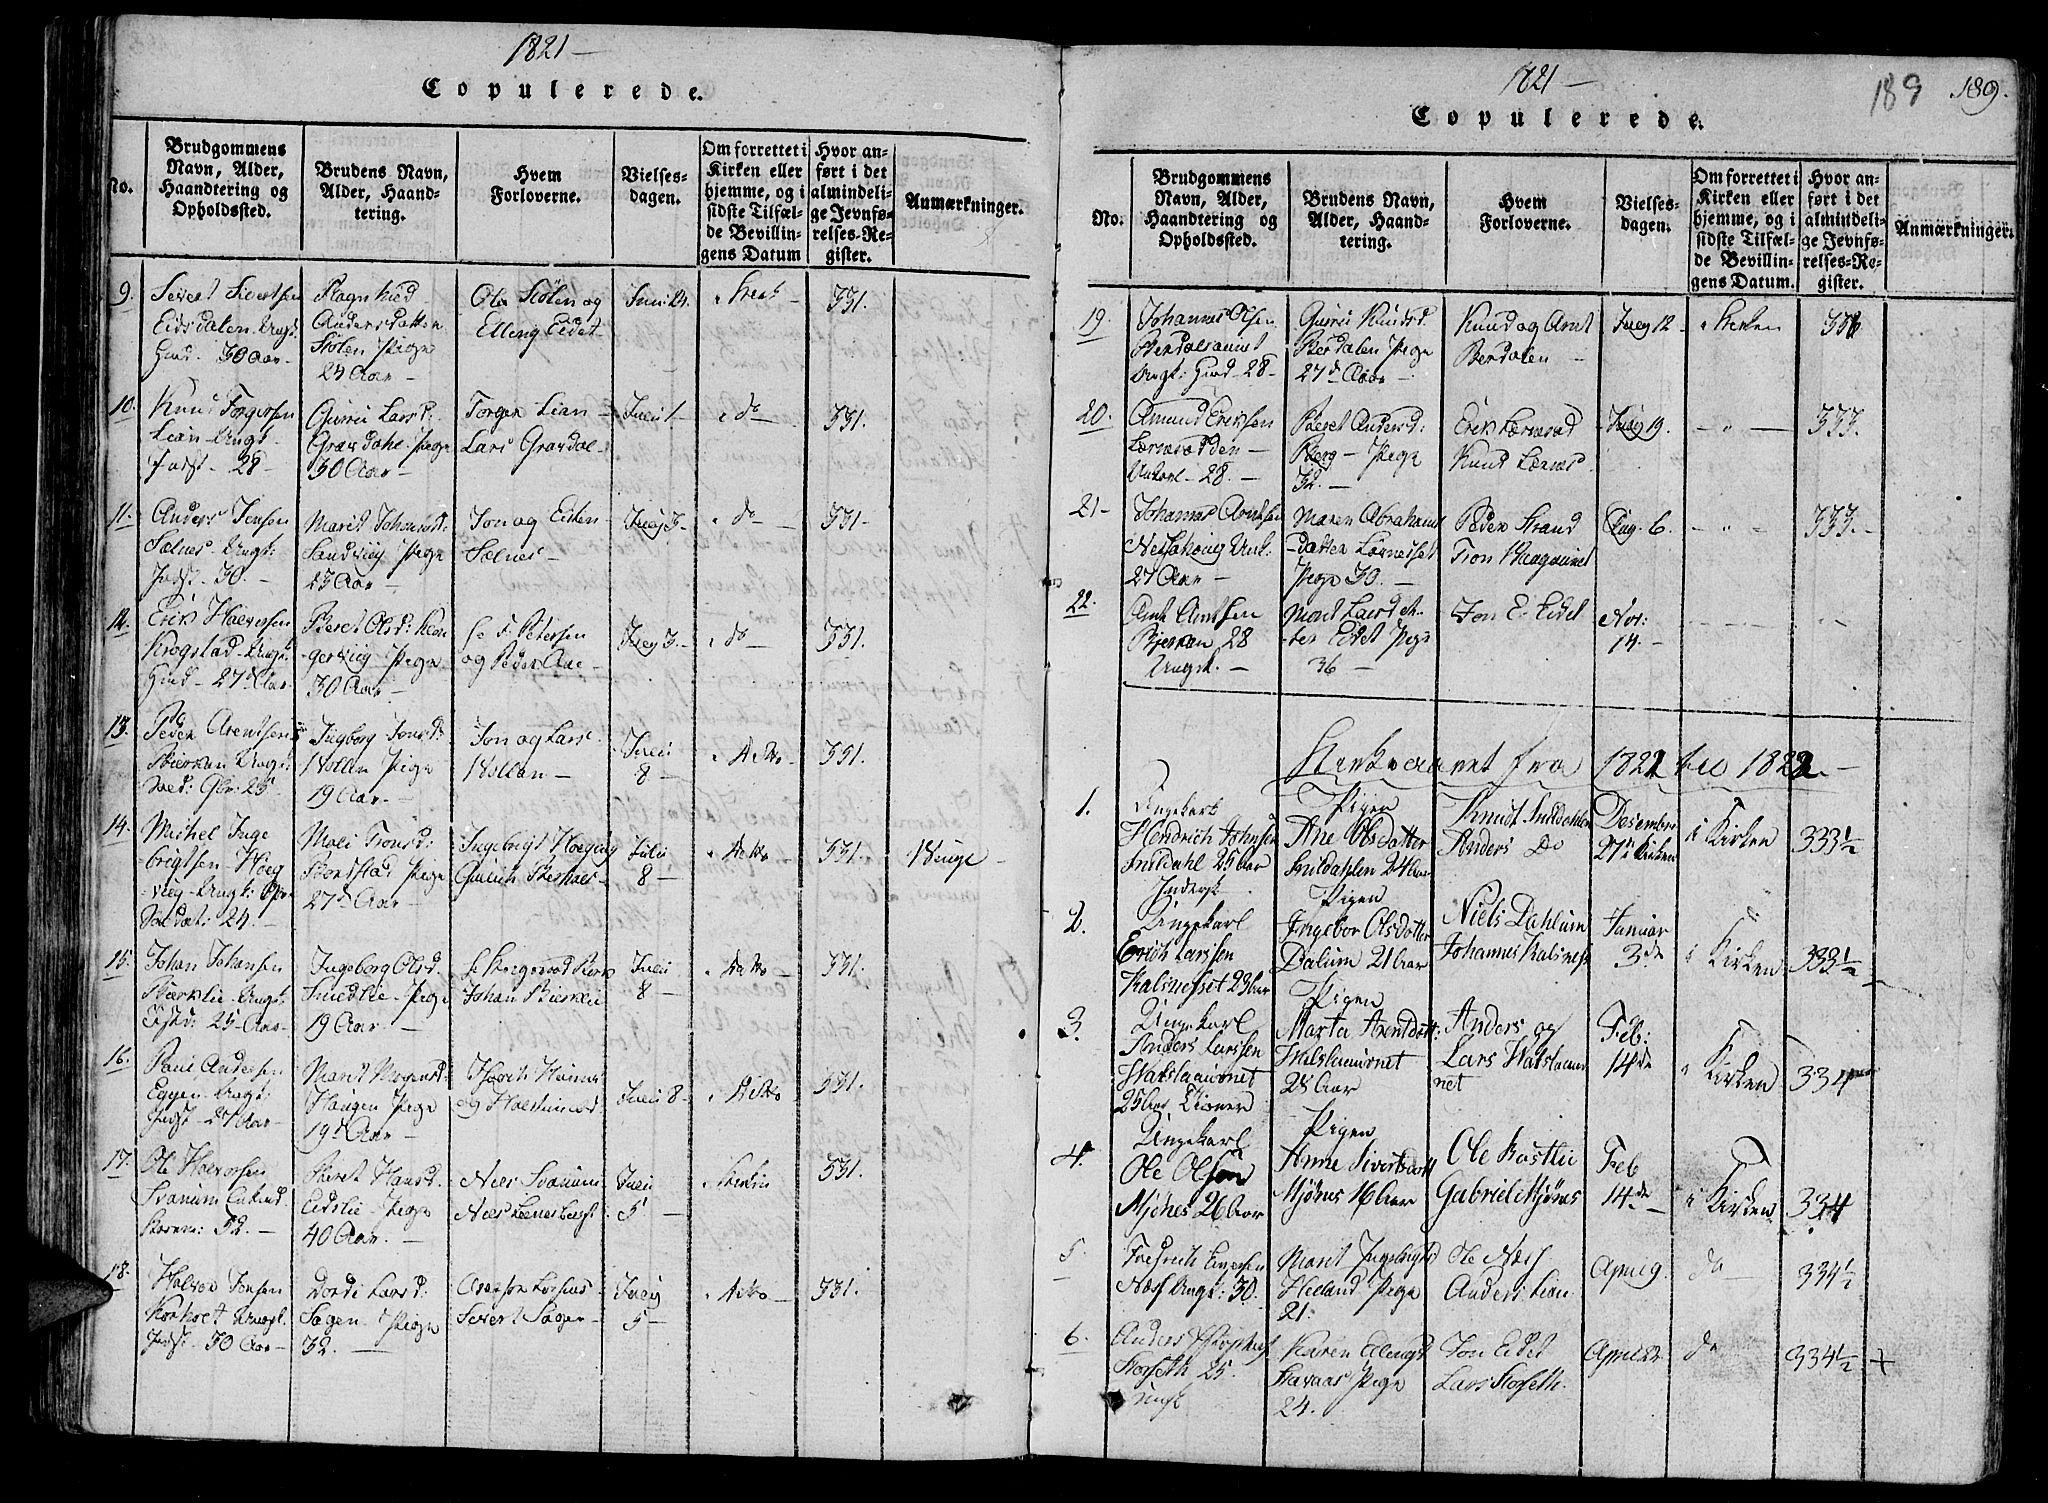 SAT, Ministerialprotokoller, klokkerbøker og fødselsregistre - Sør-Trøndelag, 630/L0491: Ministerialbok nr. 630A04, 1818-1830, s. 189